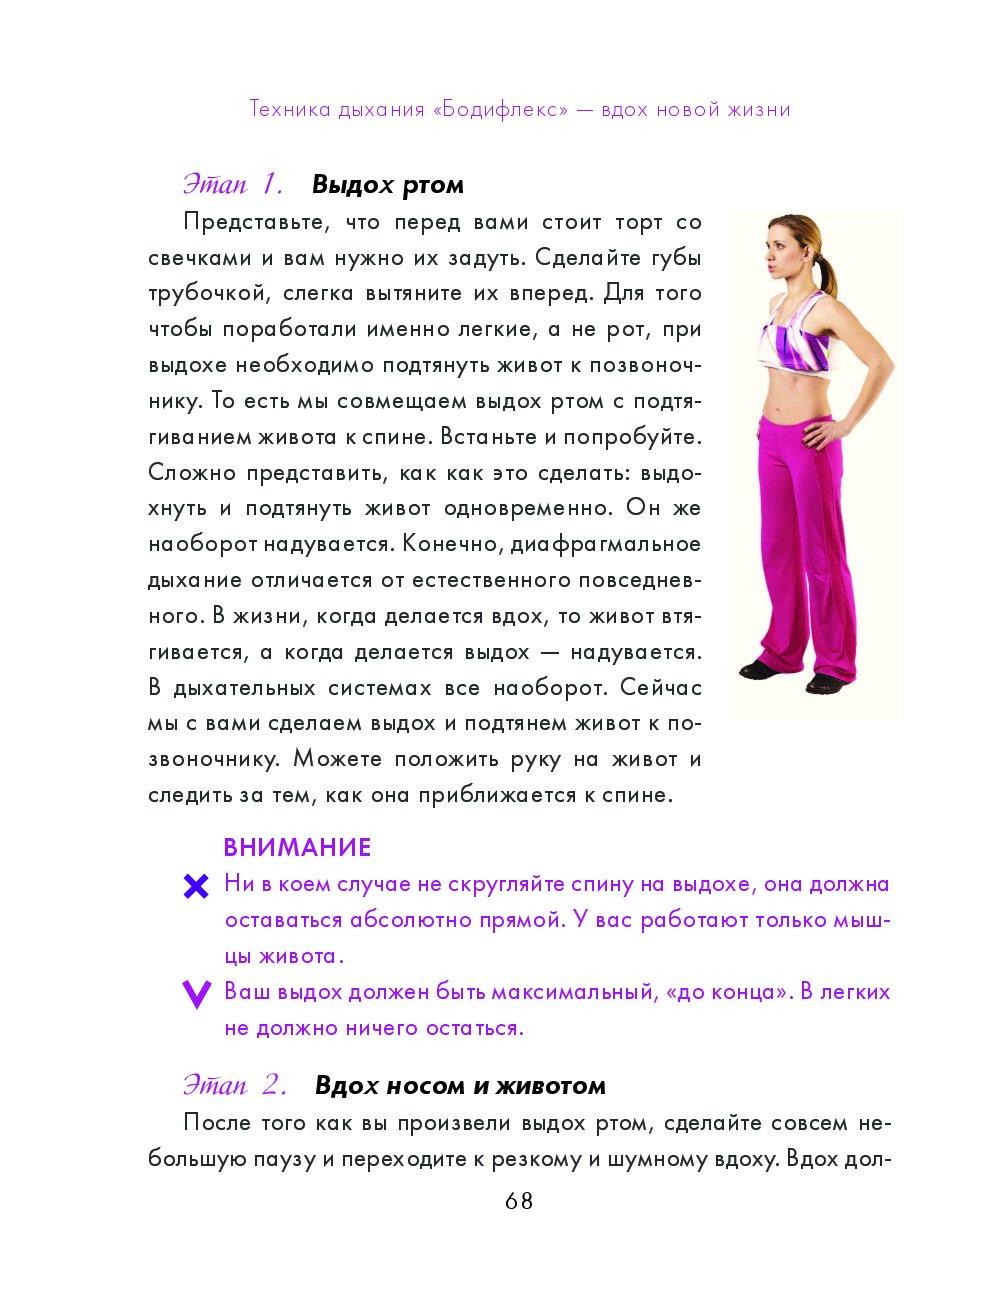 Методика Похудения Дыханием. Дыхательные упражнения: техника для похудения